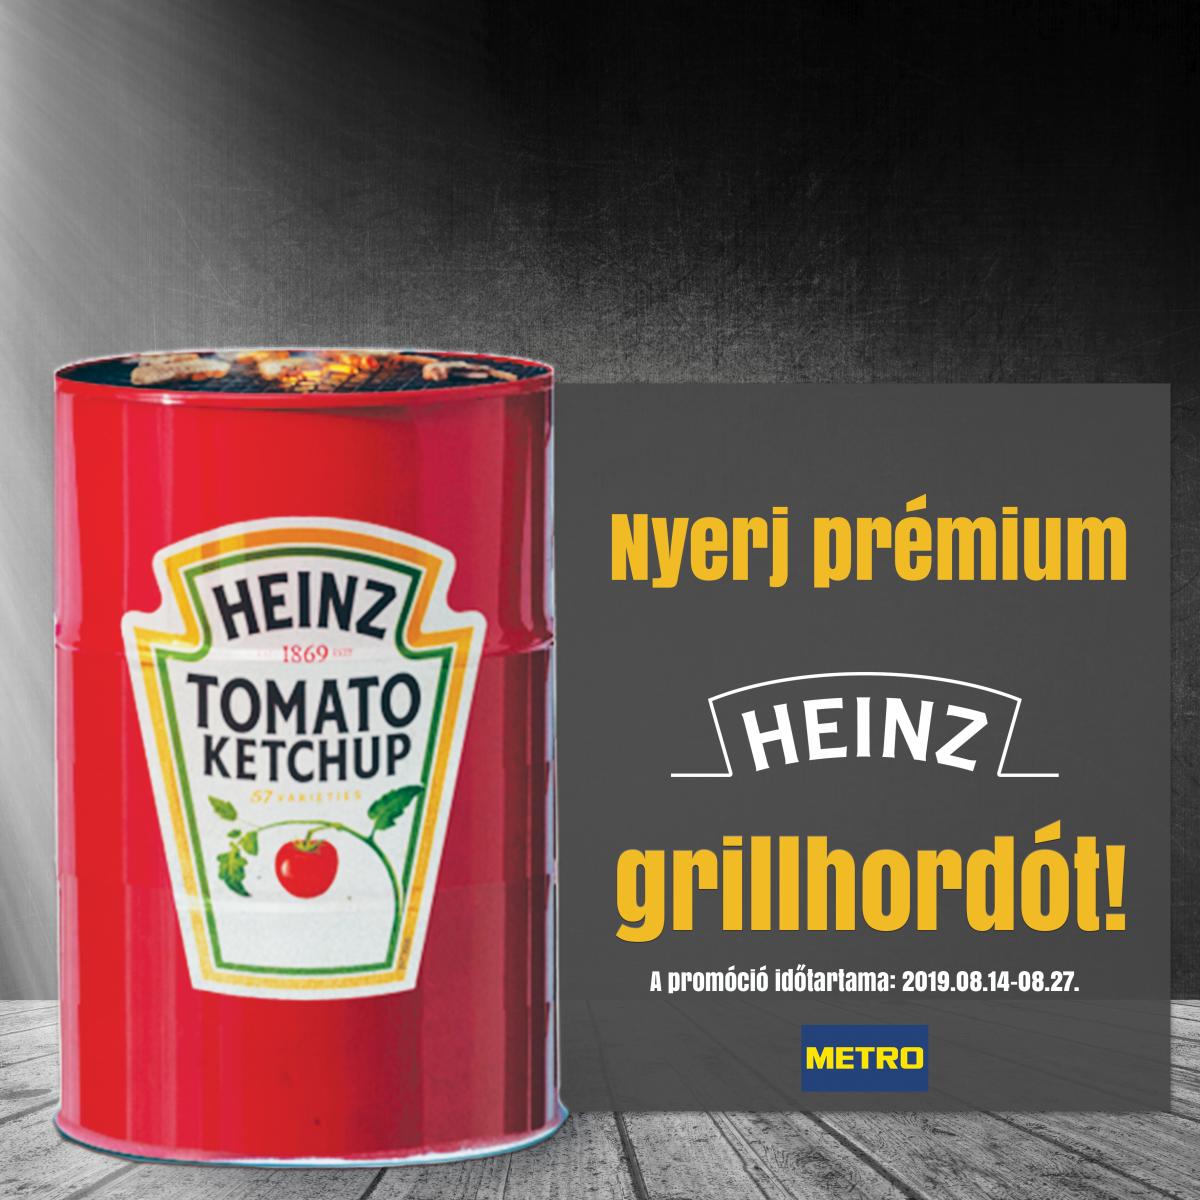 Heinz metro promo